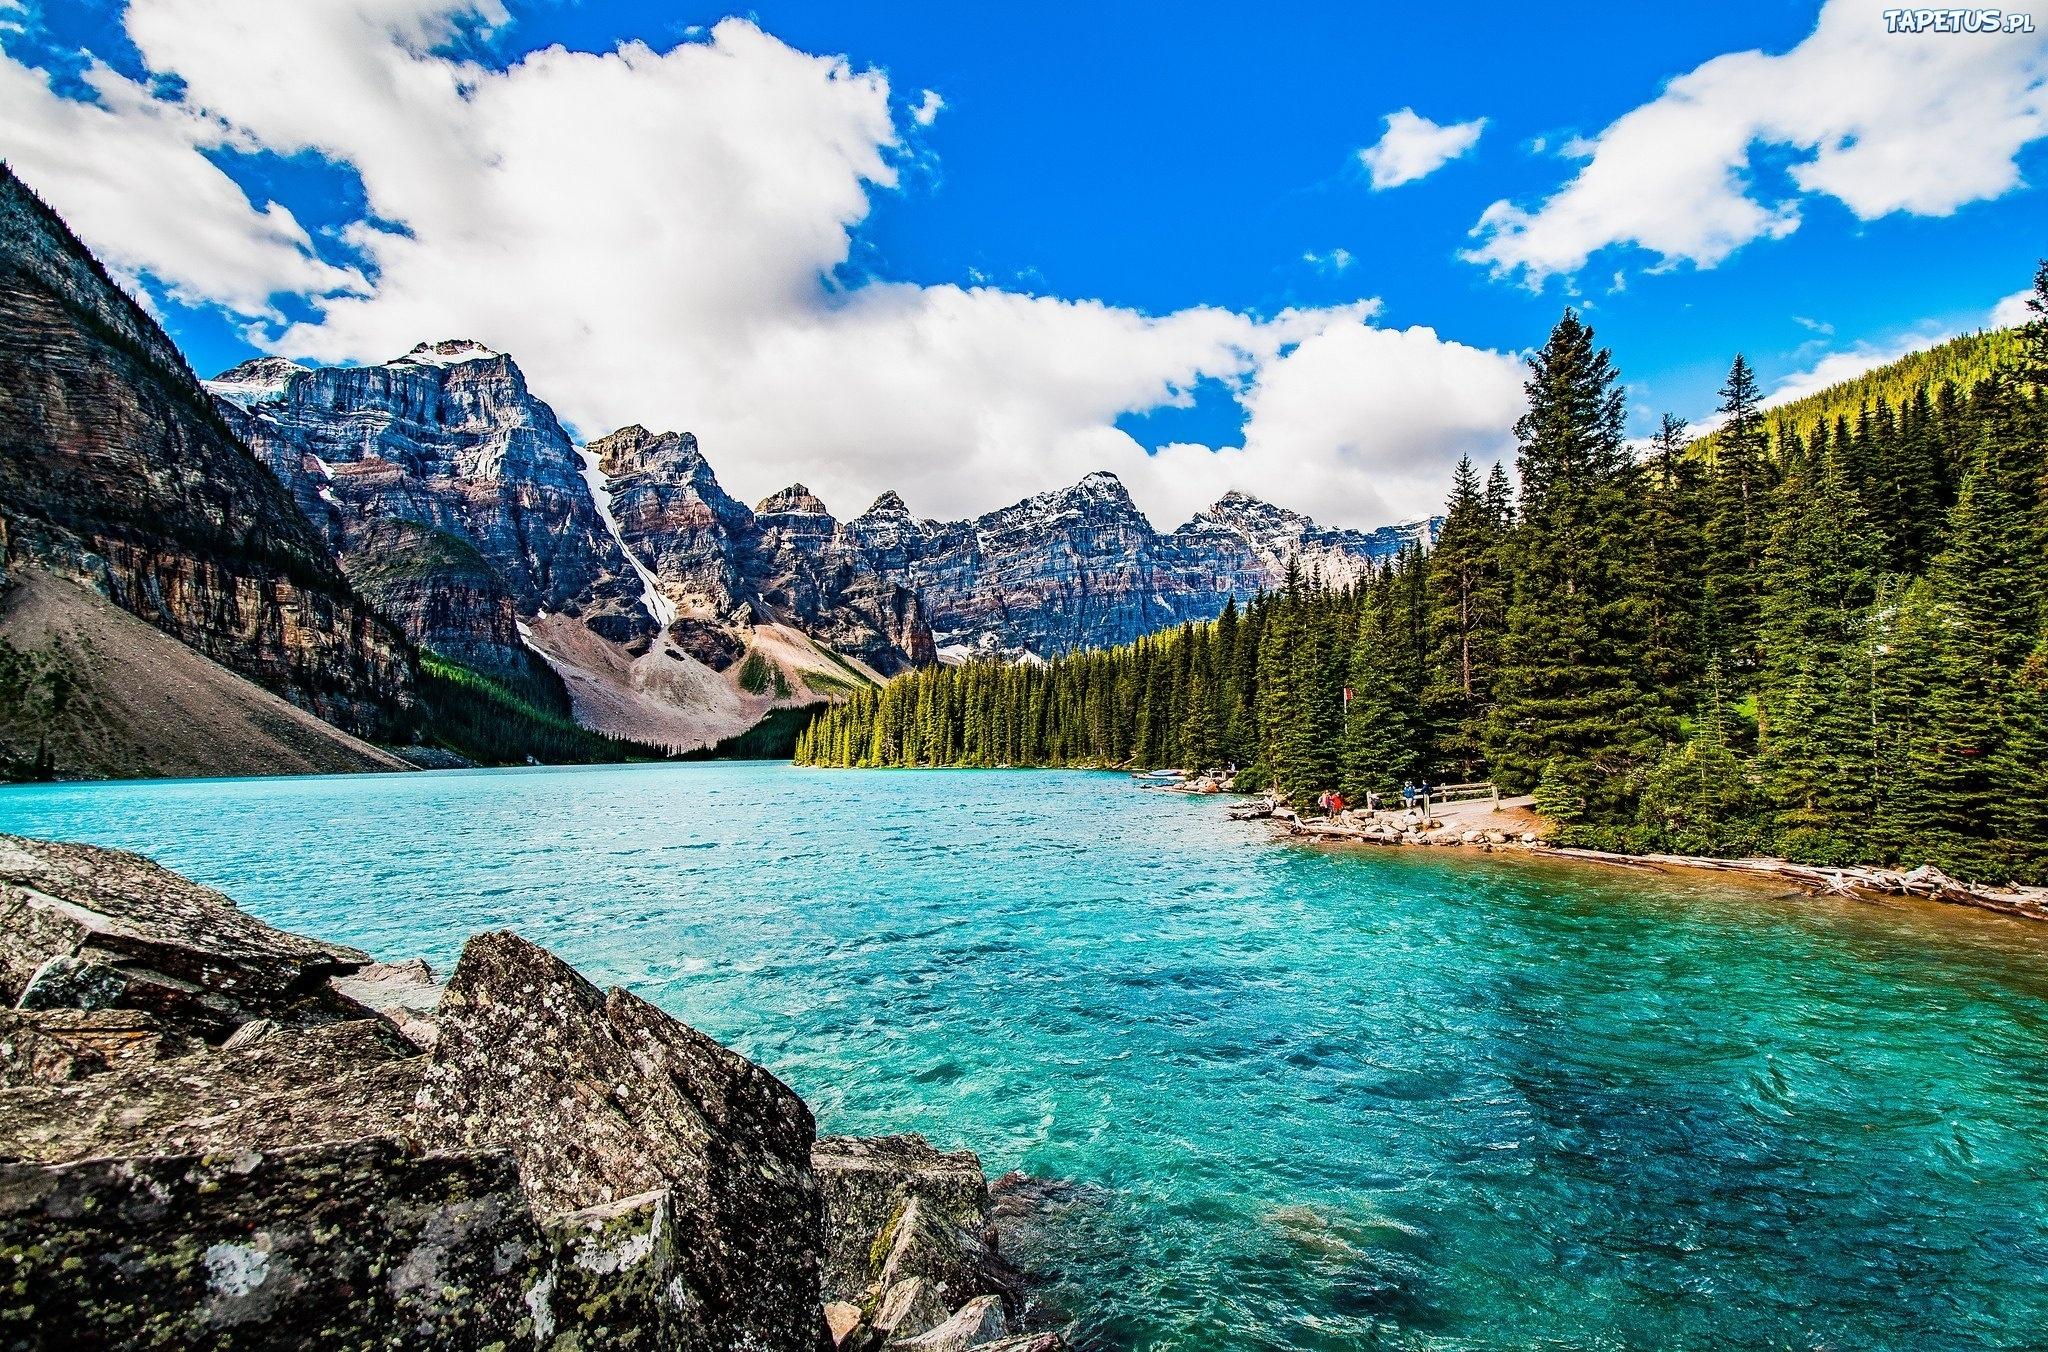 Victoria Glacier, Lake Louise, Banff National Park, Alberta, Canada  № 193144 загрузить